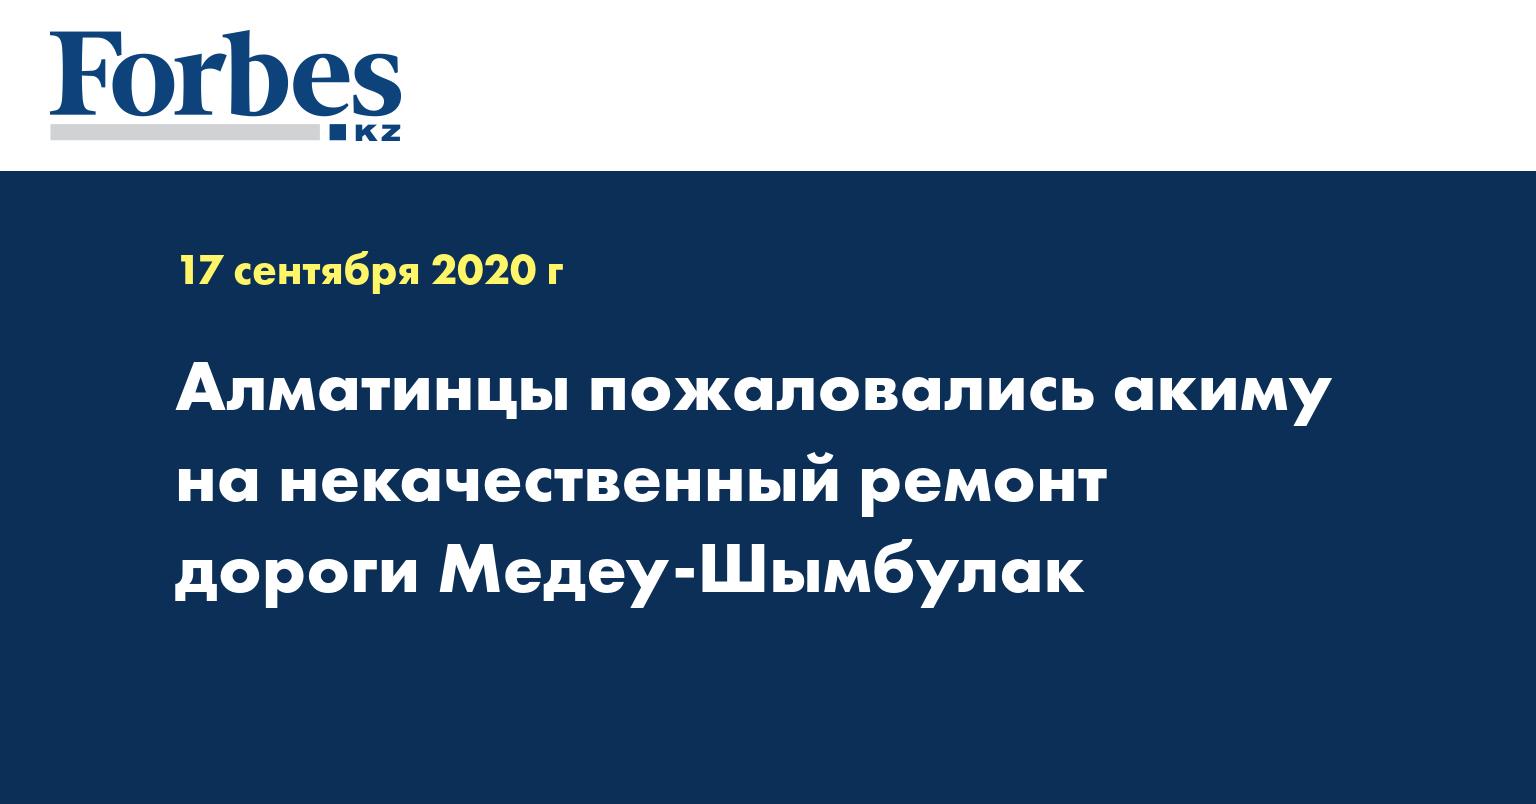 Алматинцы пожаловались акиму на некачественный ремонт дороги Медеу-Шымбулак